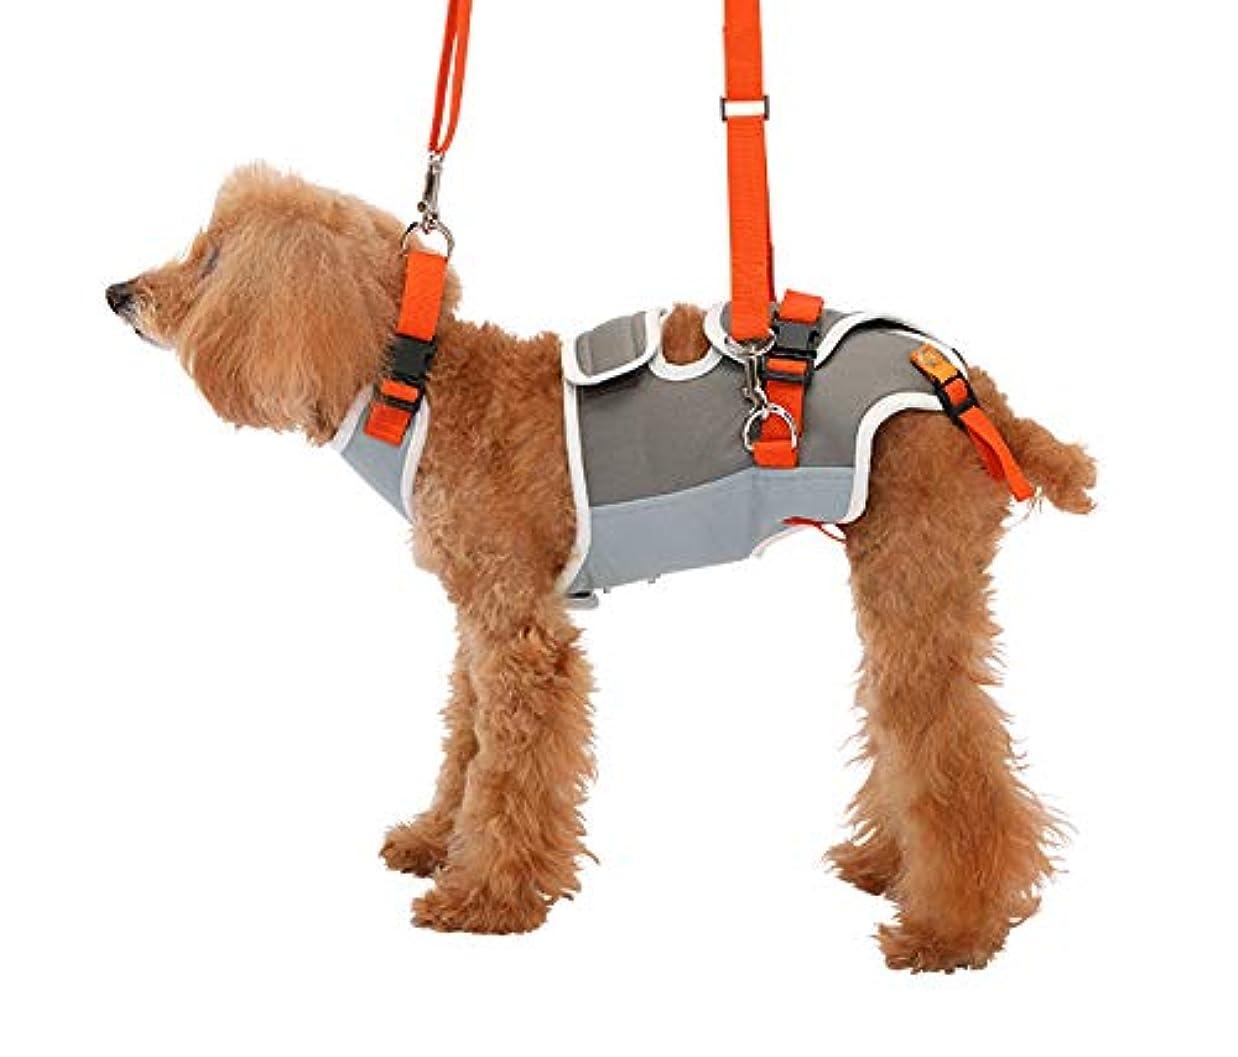 札入れ考えた半導体With(ウィズ) 歩行補助ハーネス LaLaWalk 小型犬?ダックス用 グレー×オレンジ S サイズ